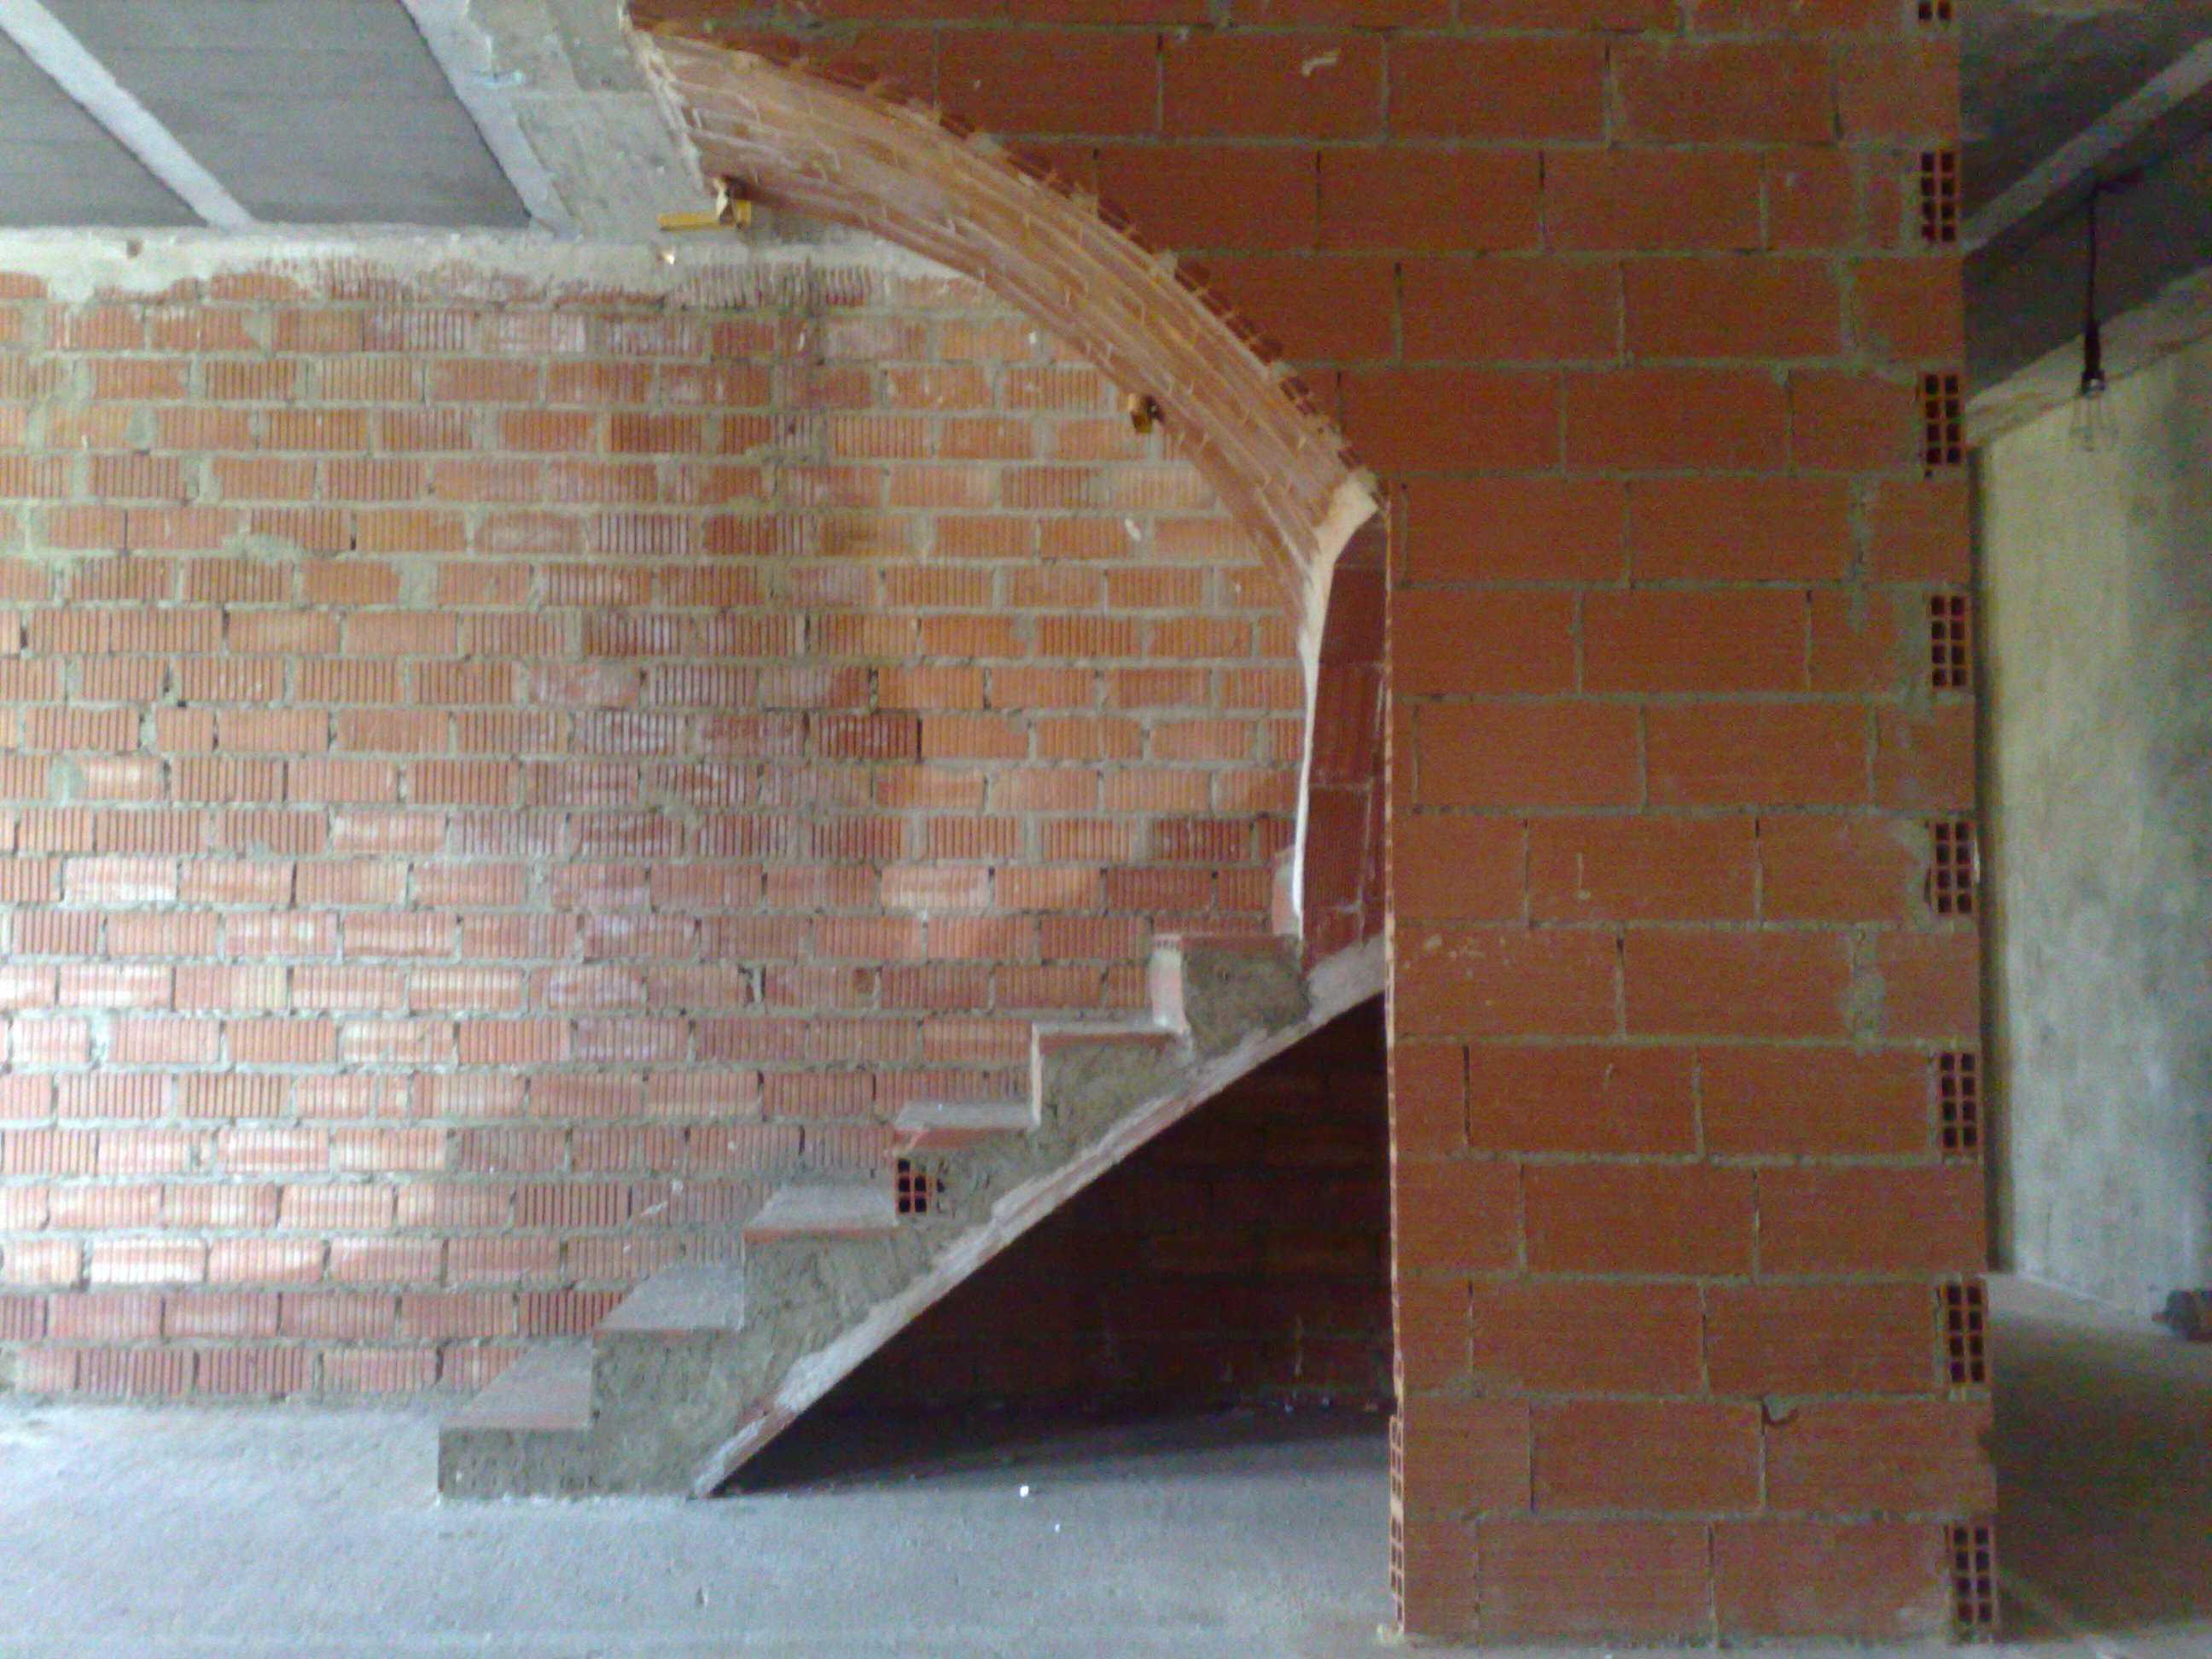 Escaleras rectas escaleras clavel - Escaleras de ladrillo ...